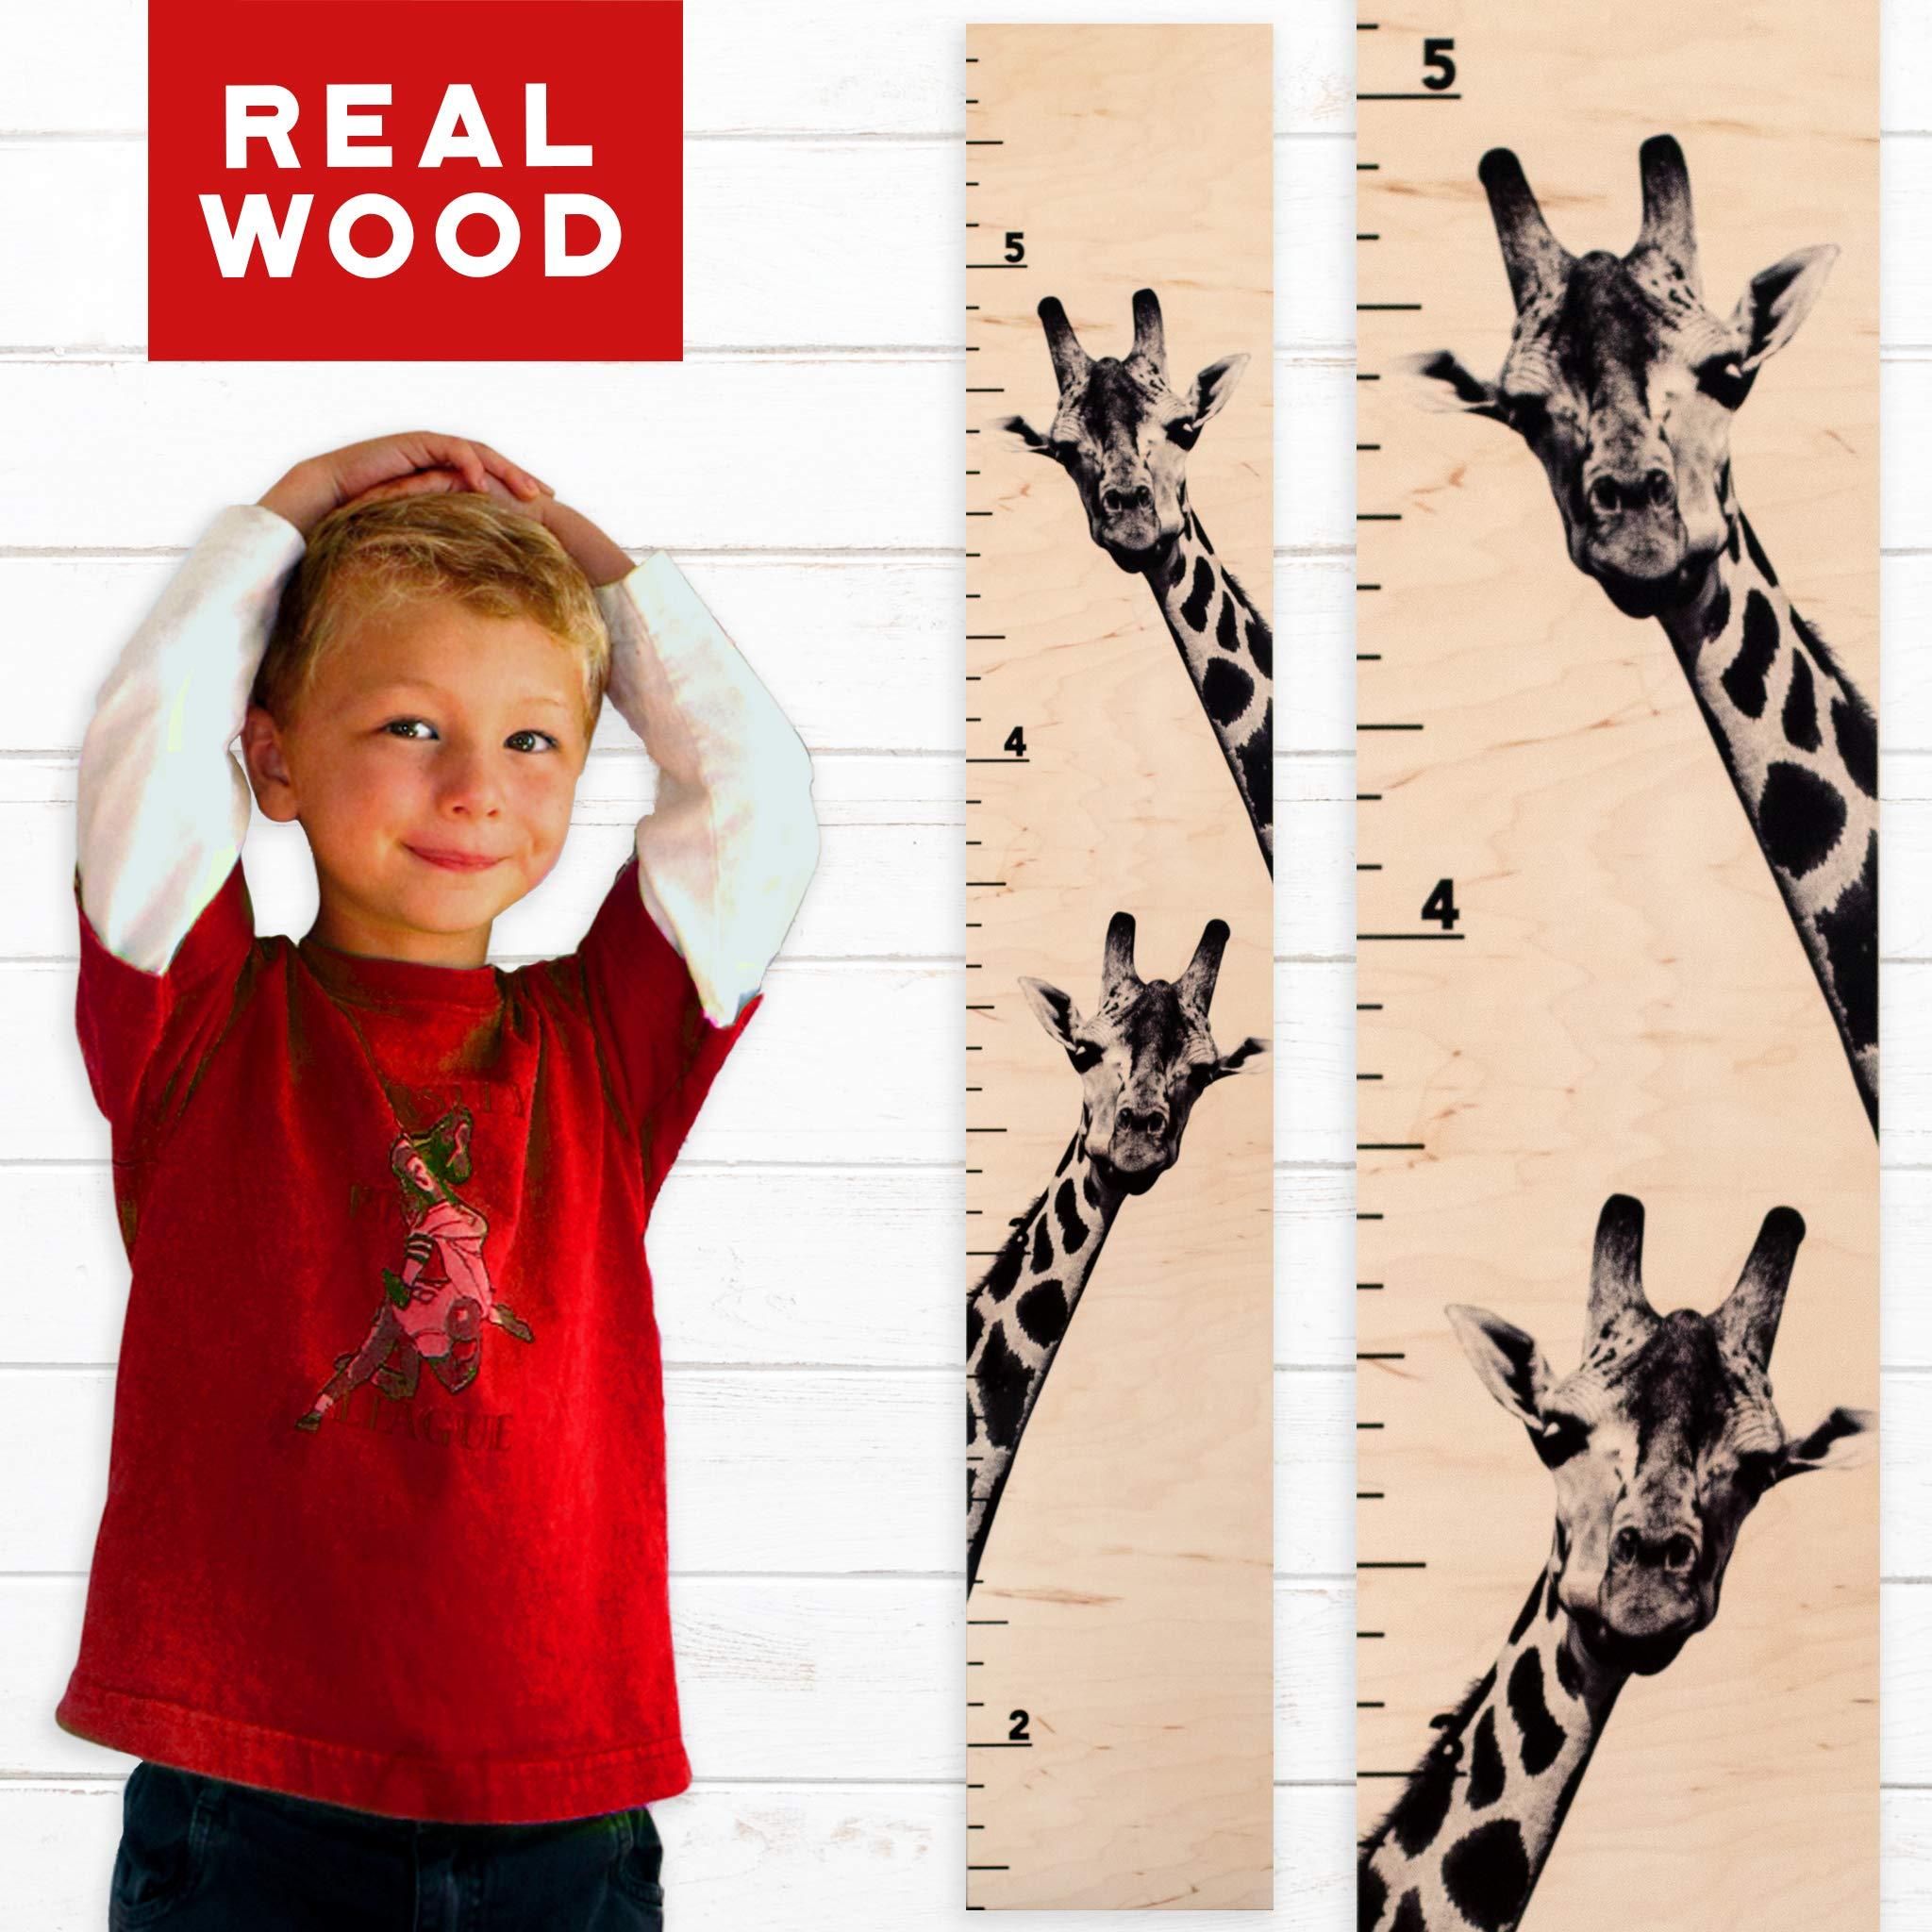 Growth Chart Art | Giraffe Growth Chart | Wooden Height Chart for Kids, Boys & Girls (Two Giraffes) by Growth Chart Art